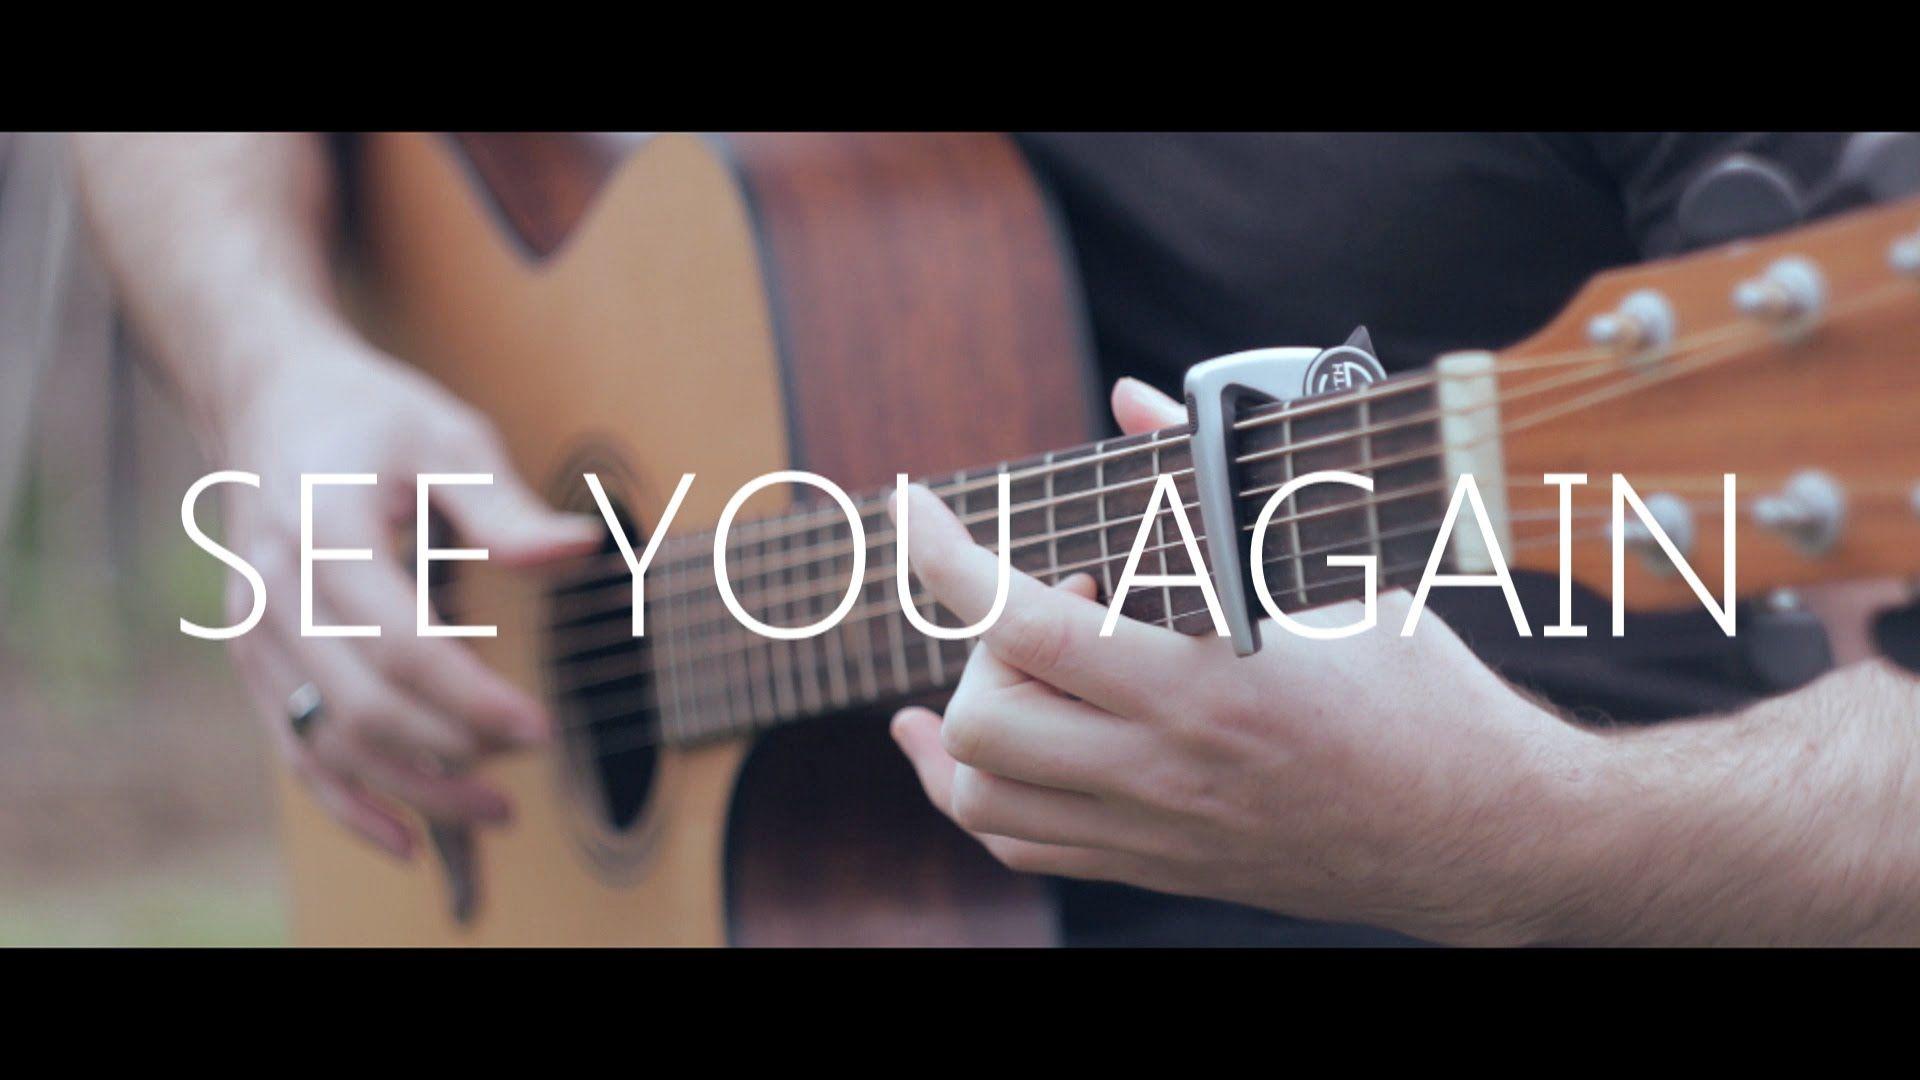 See You Again Wiz Khalifa Ft Charlie Puth Youtube Guitar Covers